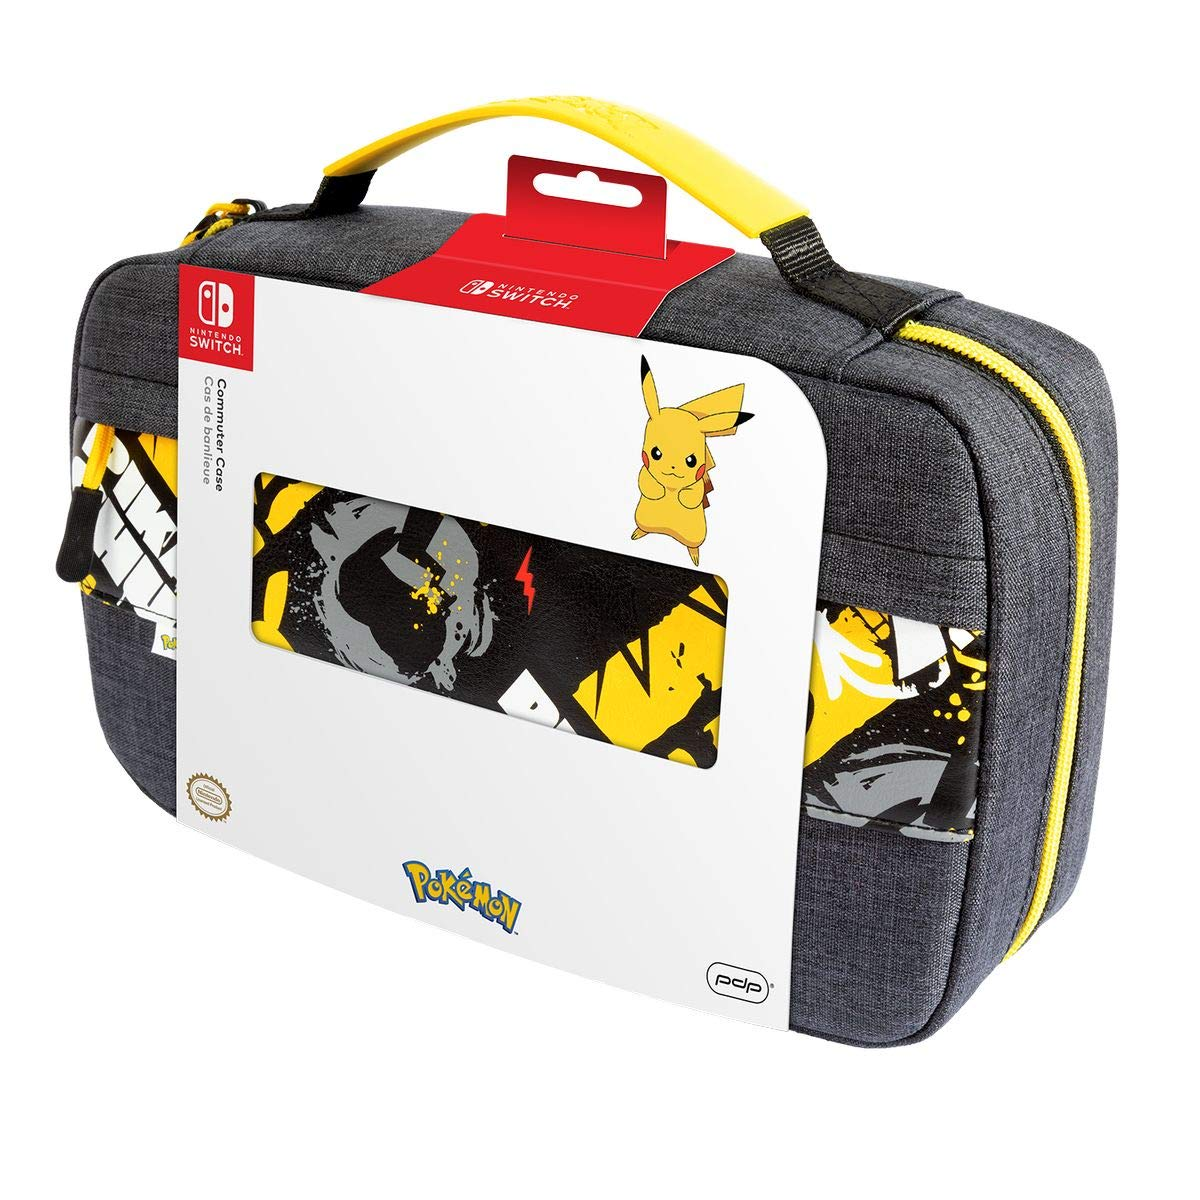 PDP - Funda De Viajero, Edición Pikachu Elite (Nintendo Switch): Amazon.es: Videojuegos